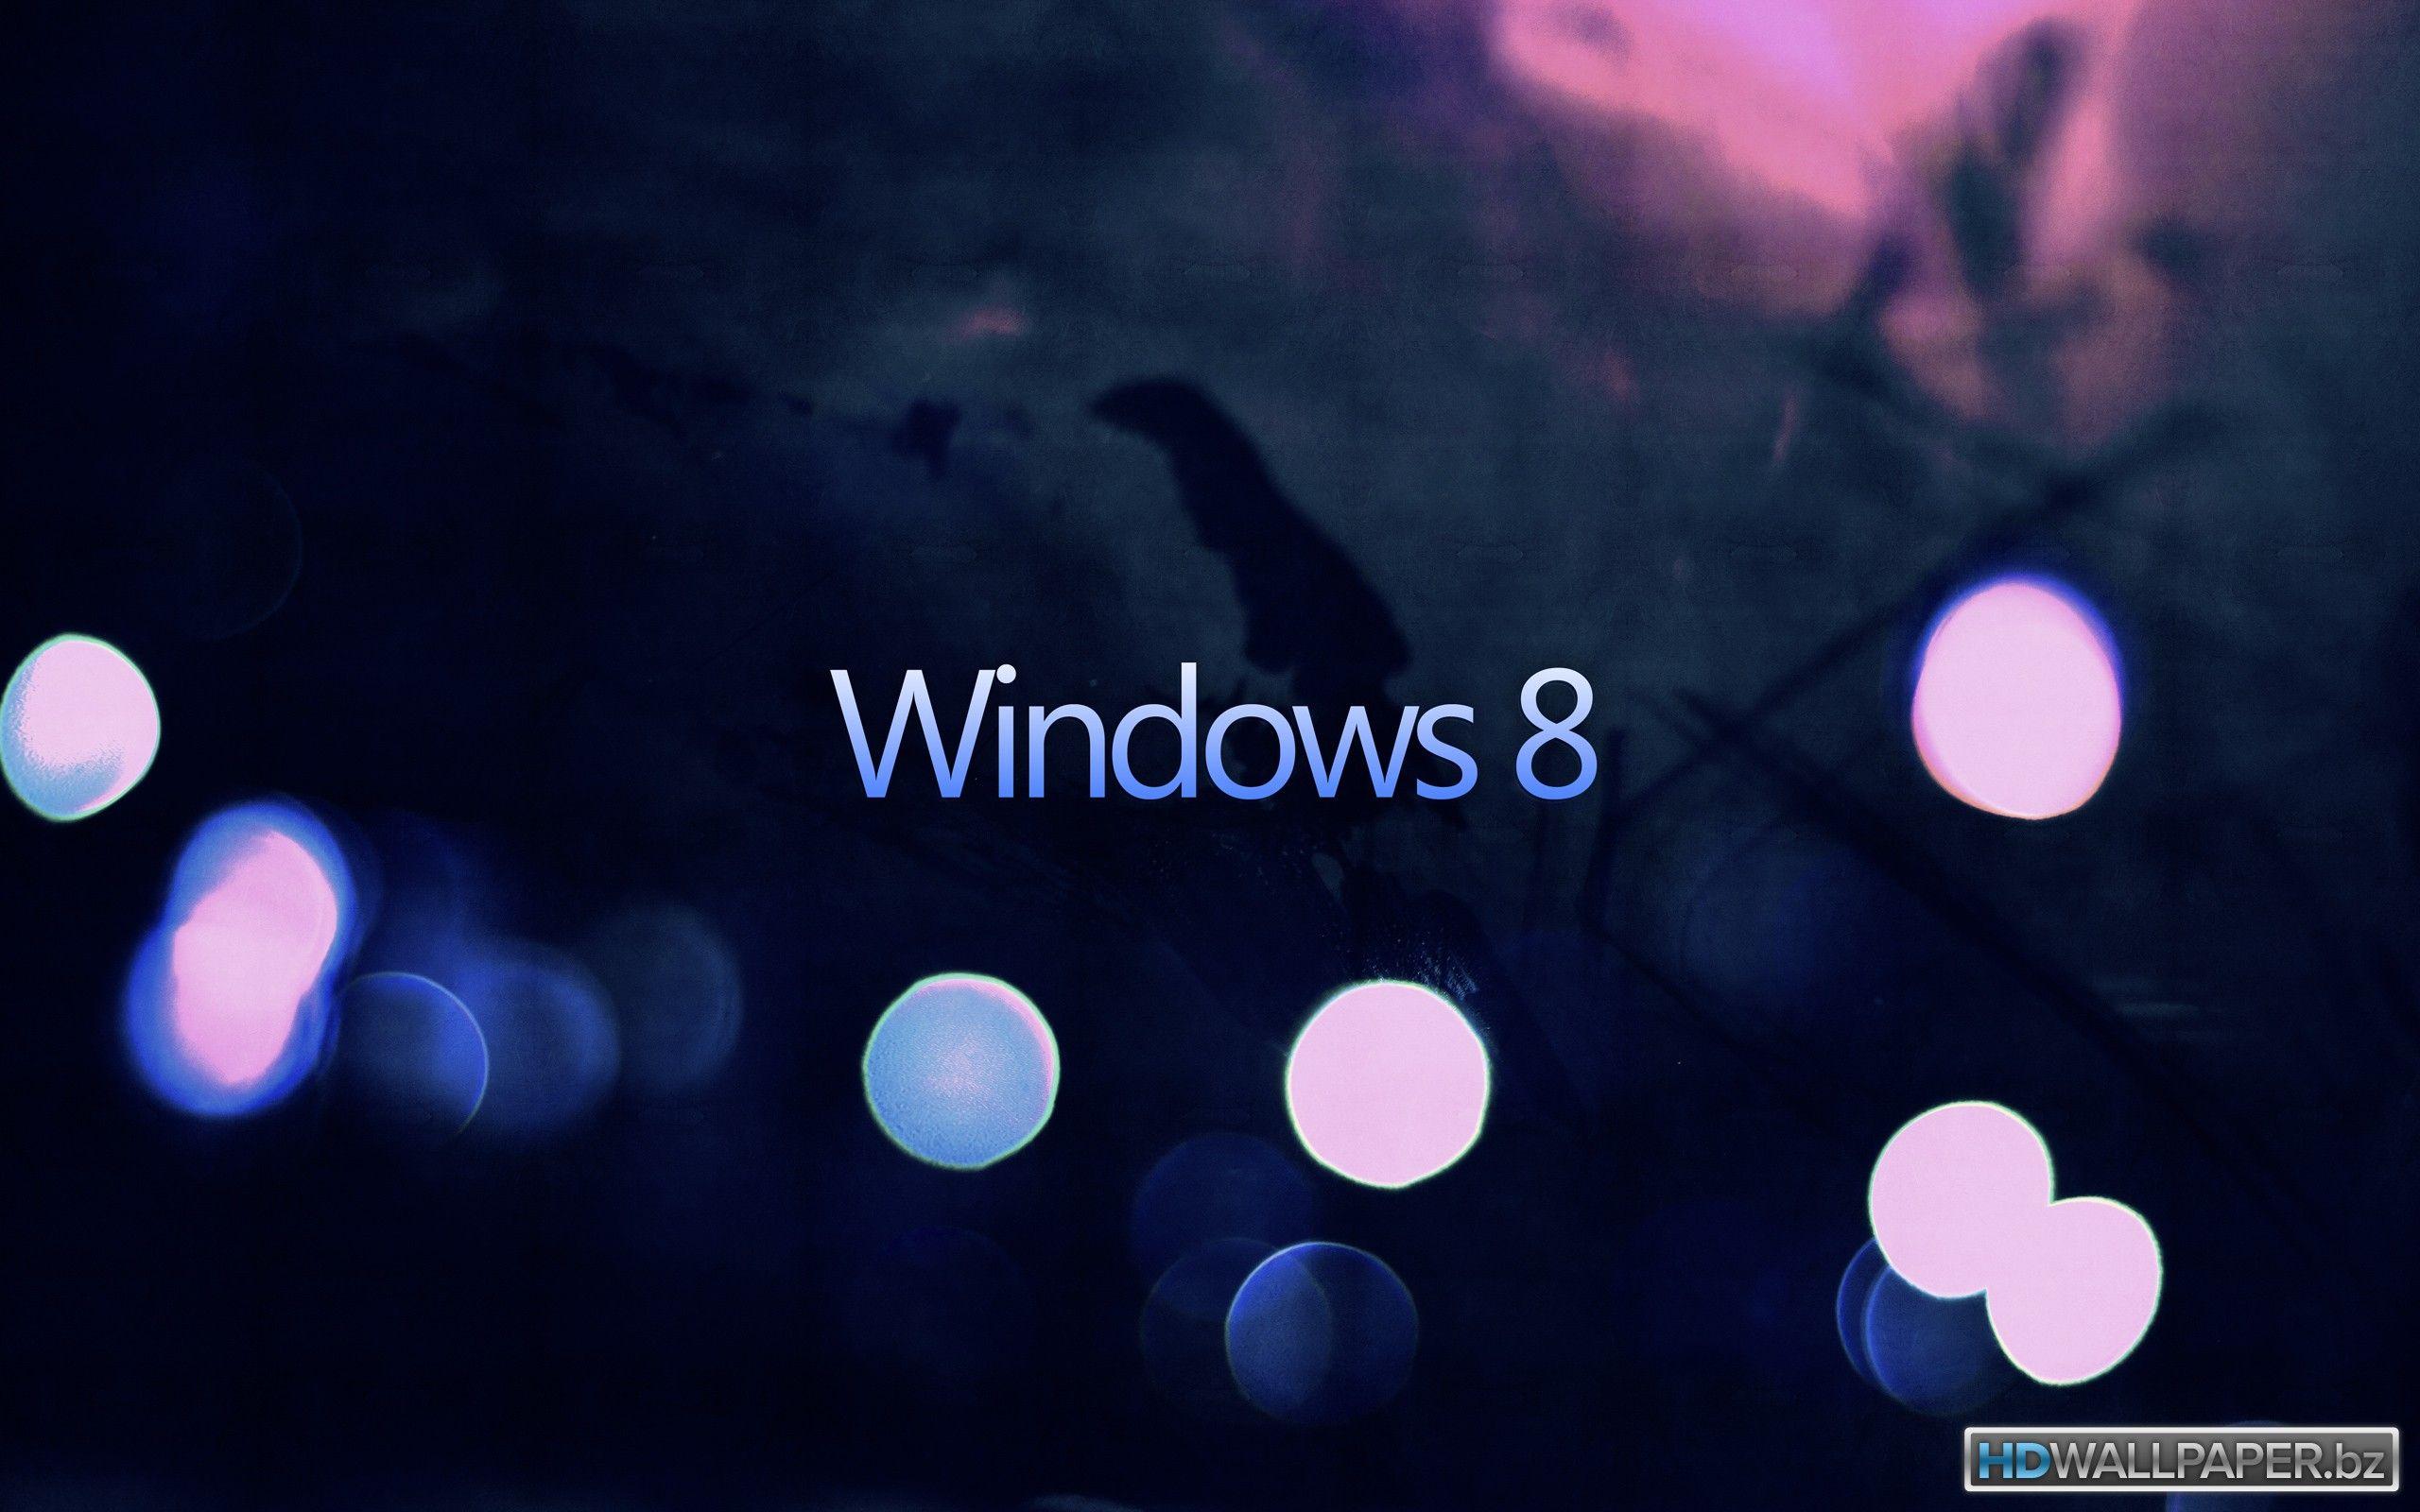 Windows 8 Hd Wallpaper Http Hdwallpaper Bz Windows Wallpapers Hd 1 Windows Wallpaper Dark Windows Hd Wallpaper